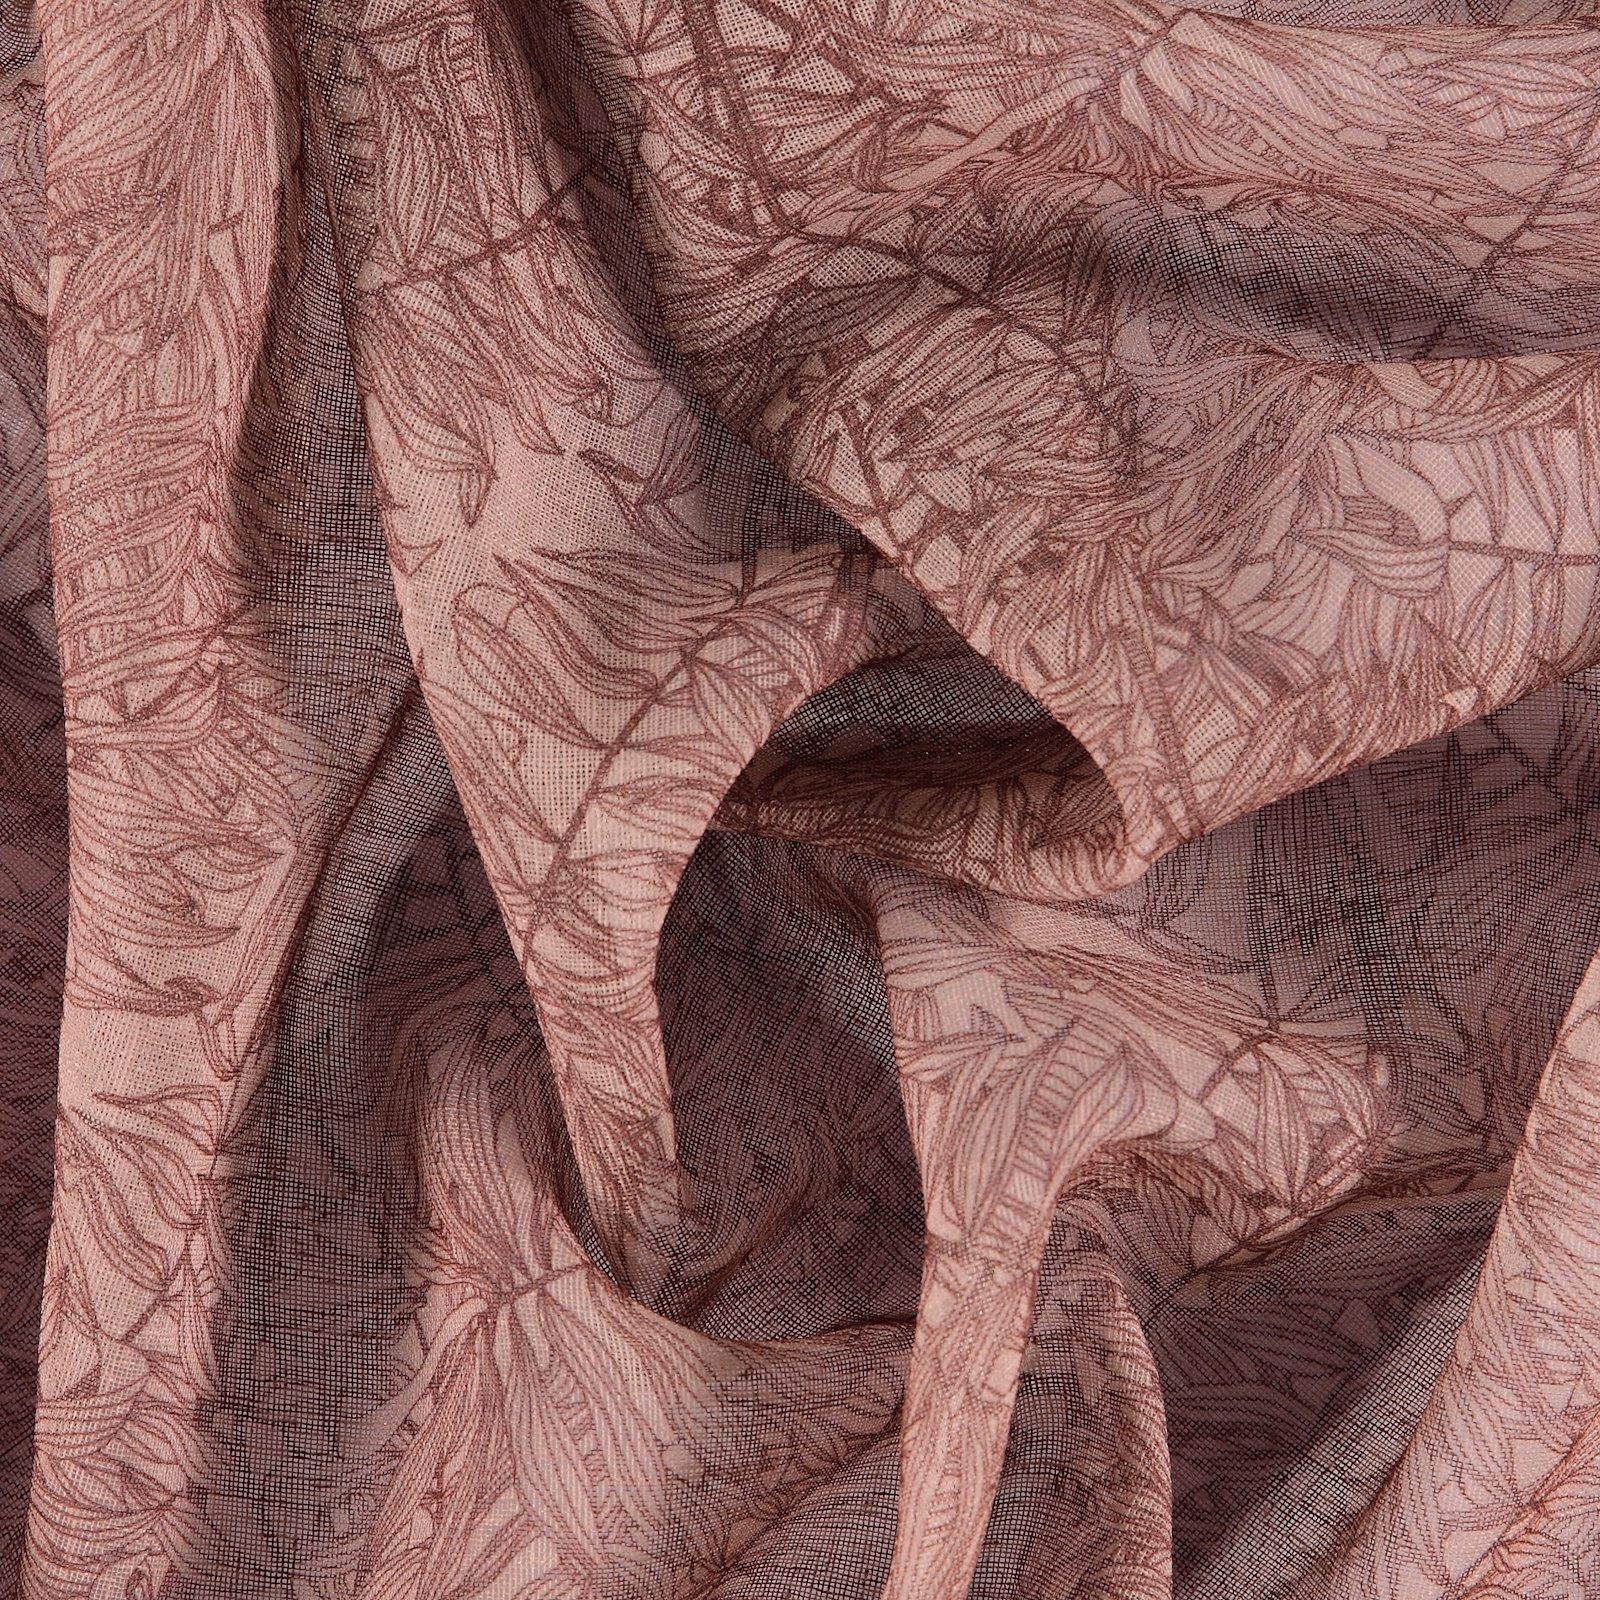 Voile lt redbrown w bordeaux leaves